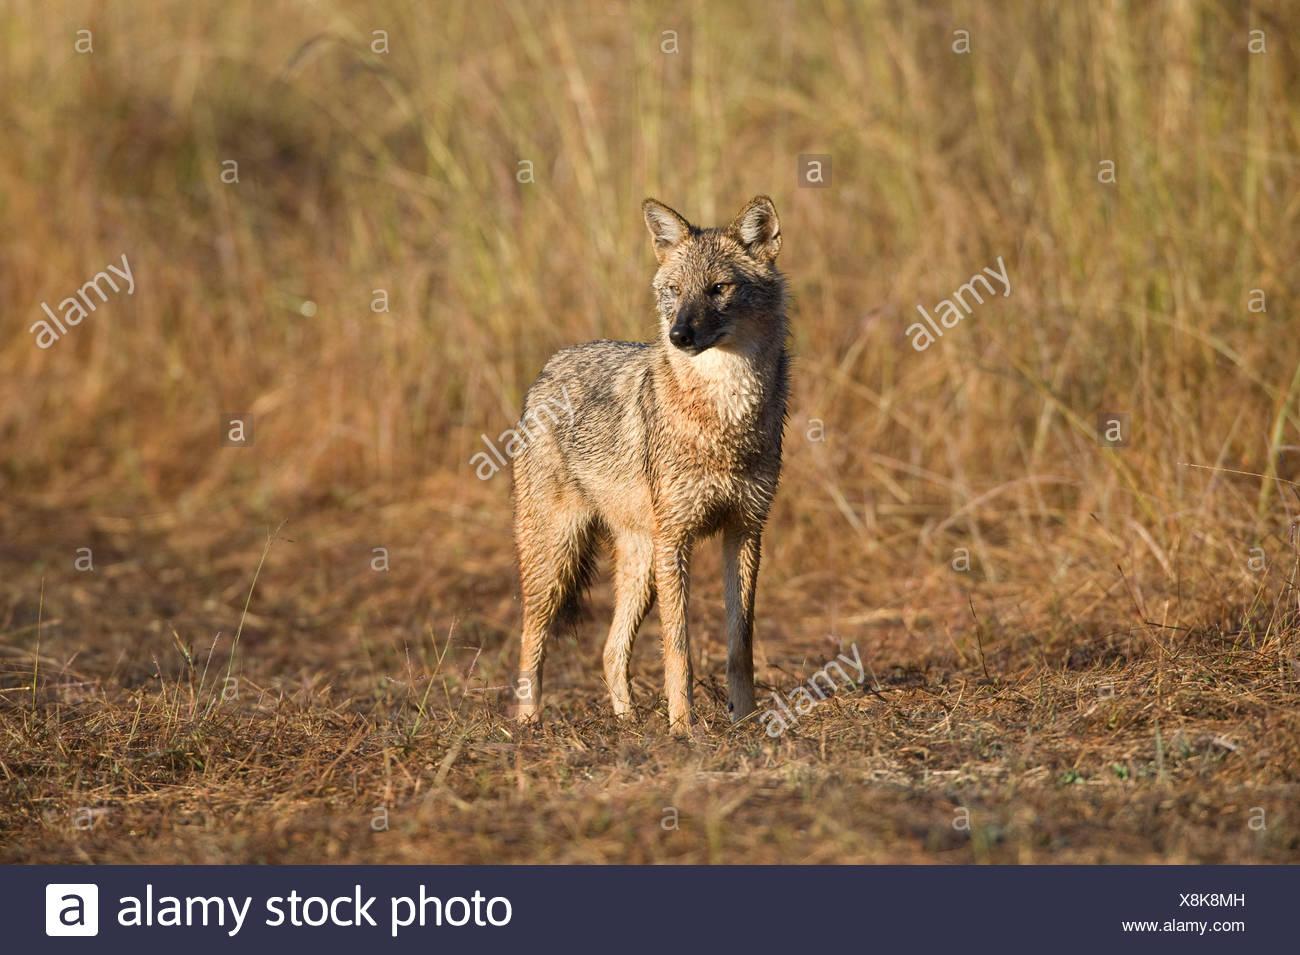 Le chacal doré, Canis aureus, debout dans l'herbe haute, la Réserve de tigres de Kanha, Parc National, Madhya Pradesh, Inde Banque D'Images